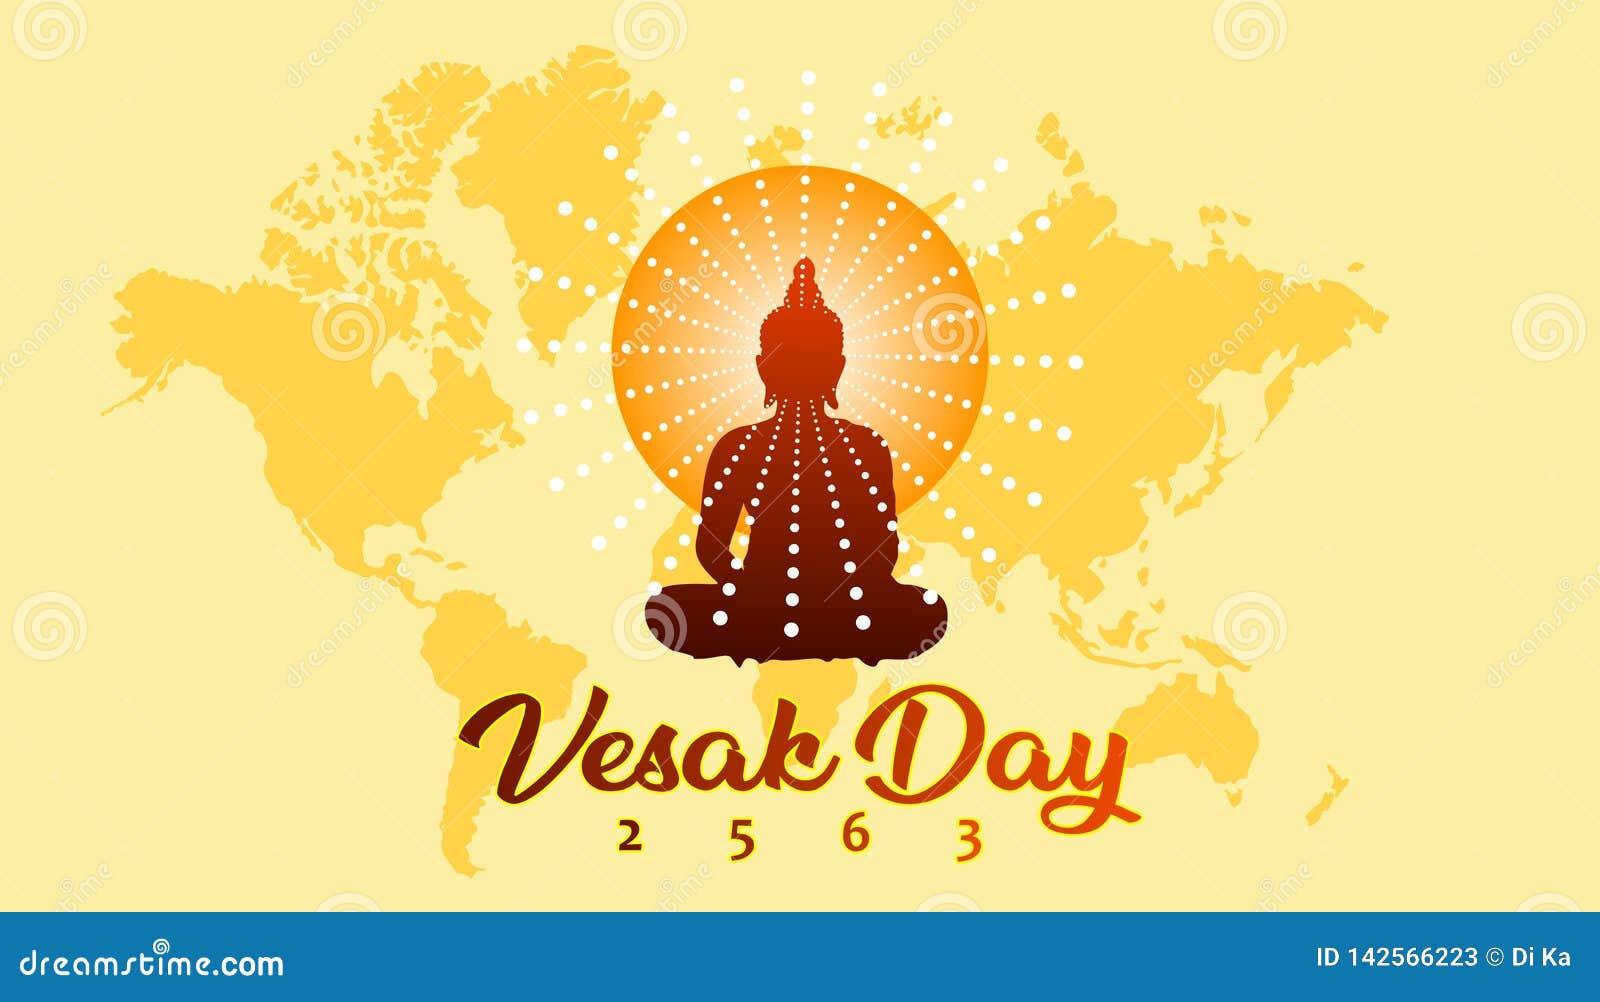 Bandera del saludo del día de Vesak con el fondo budista de la silueta y del mapa del mundo